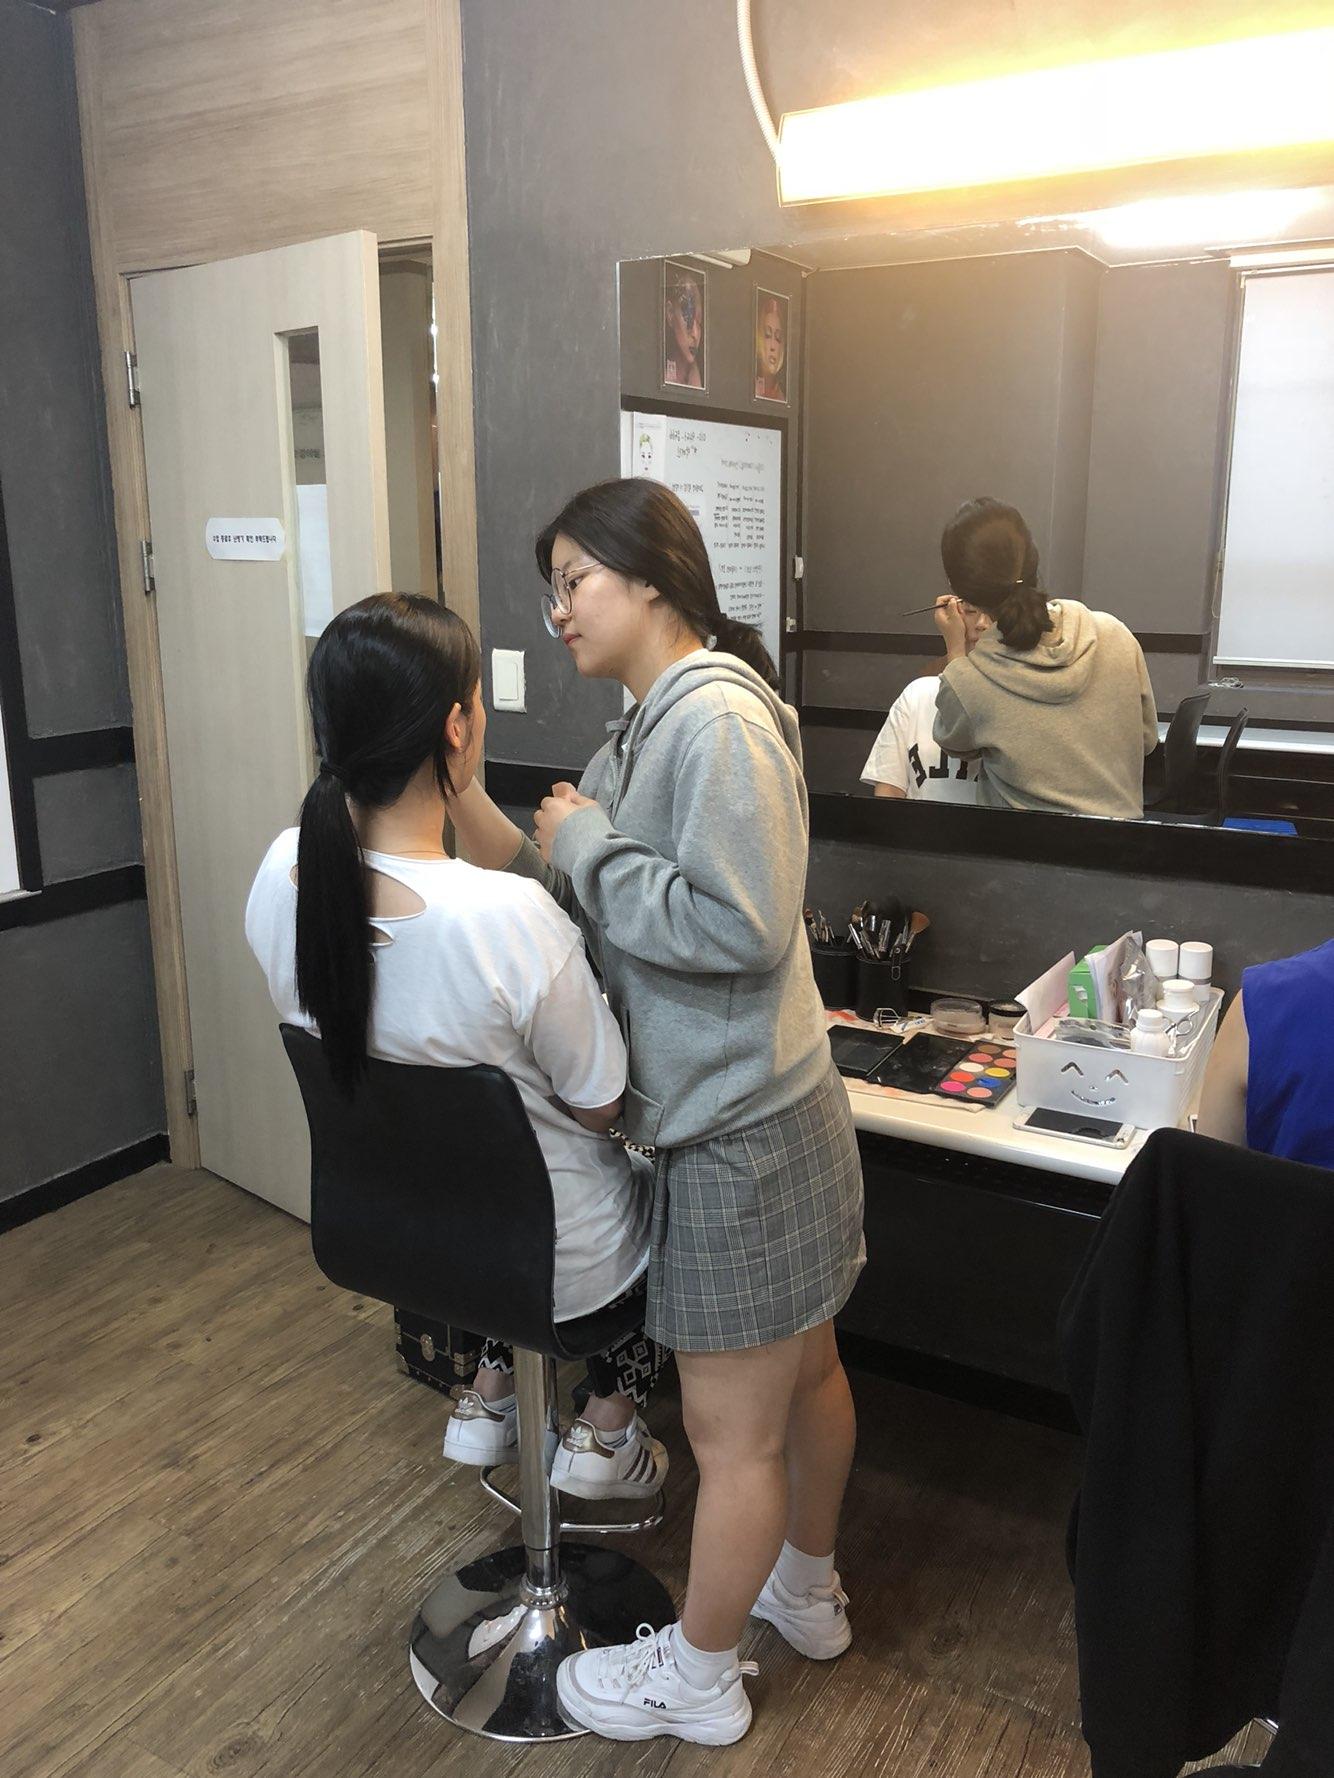 메이크업자격증 3회실기 준비중!!